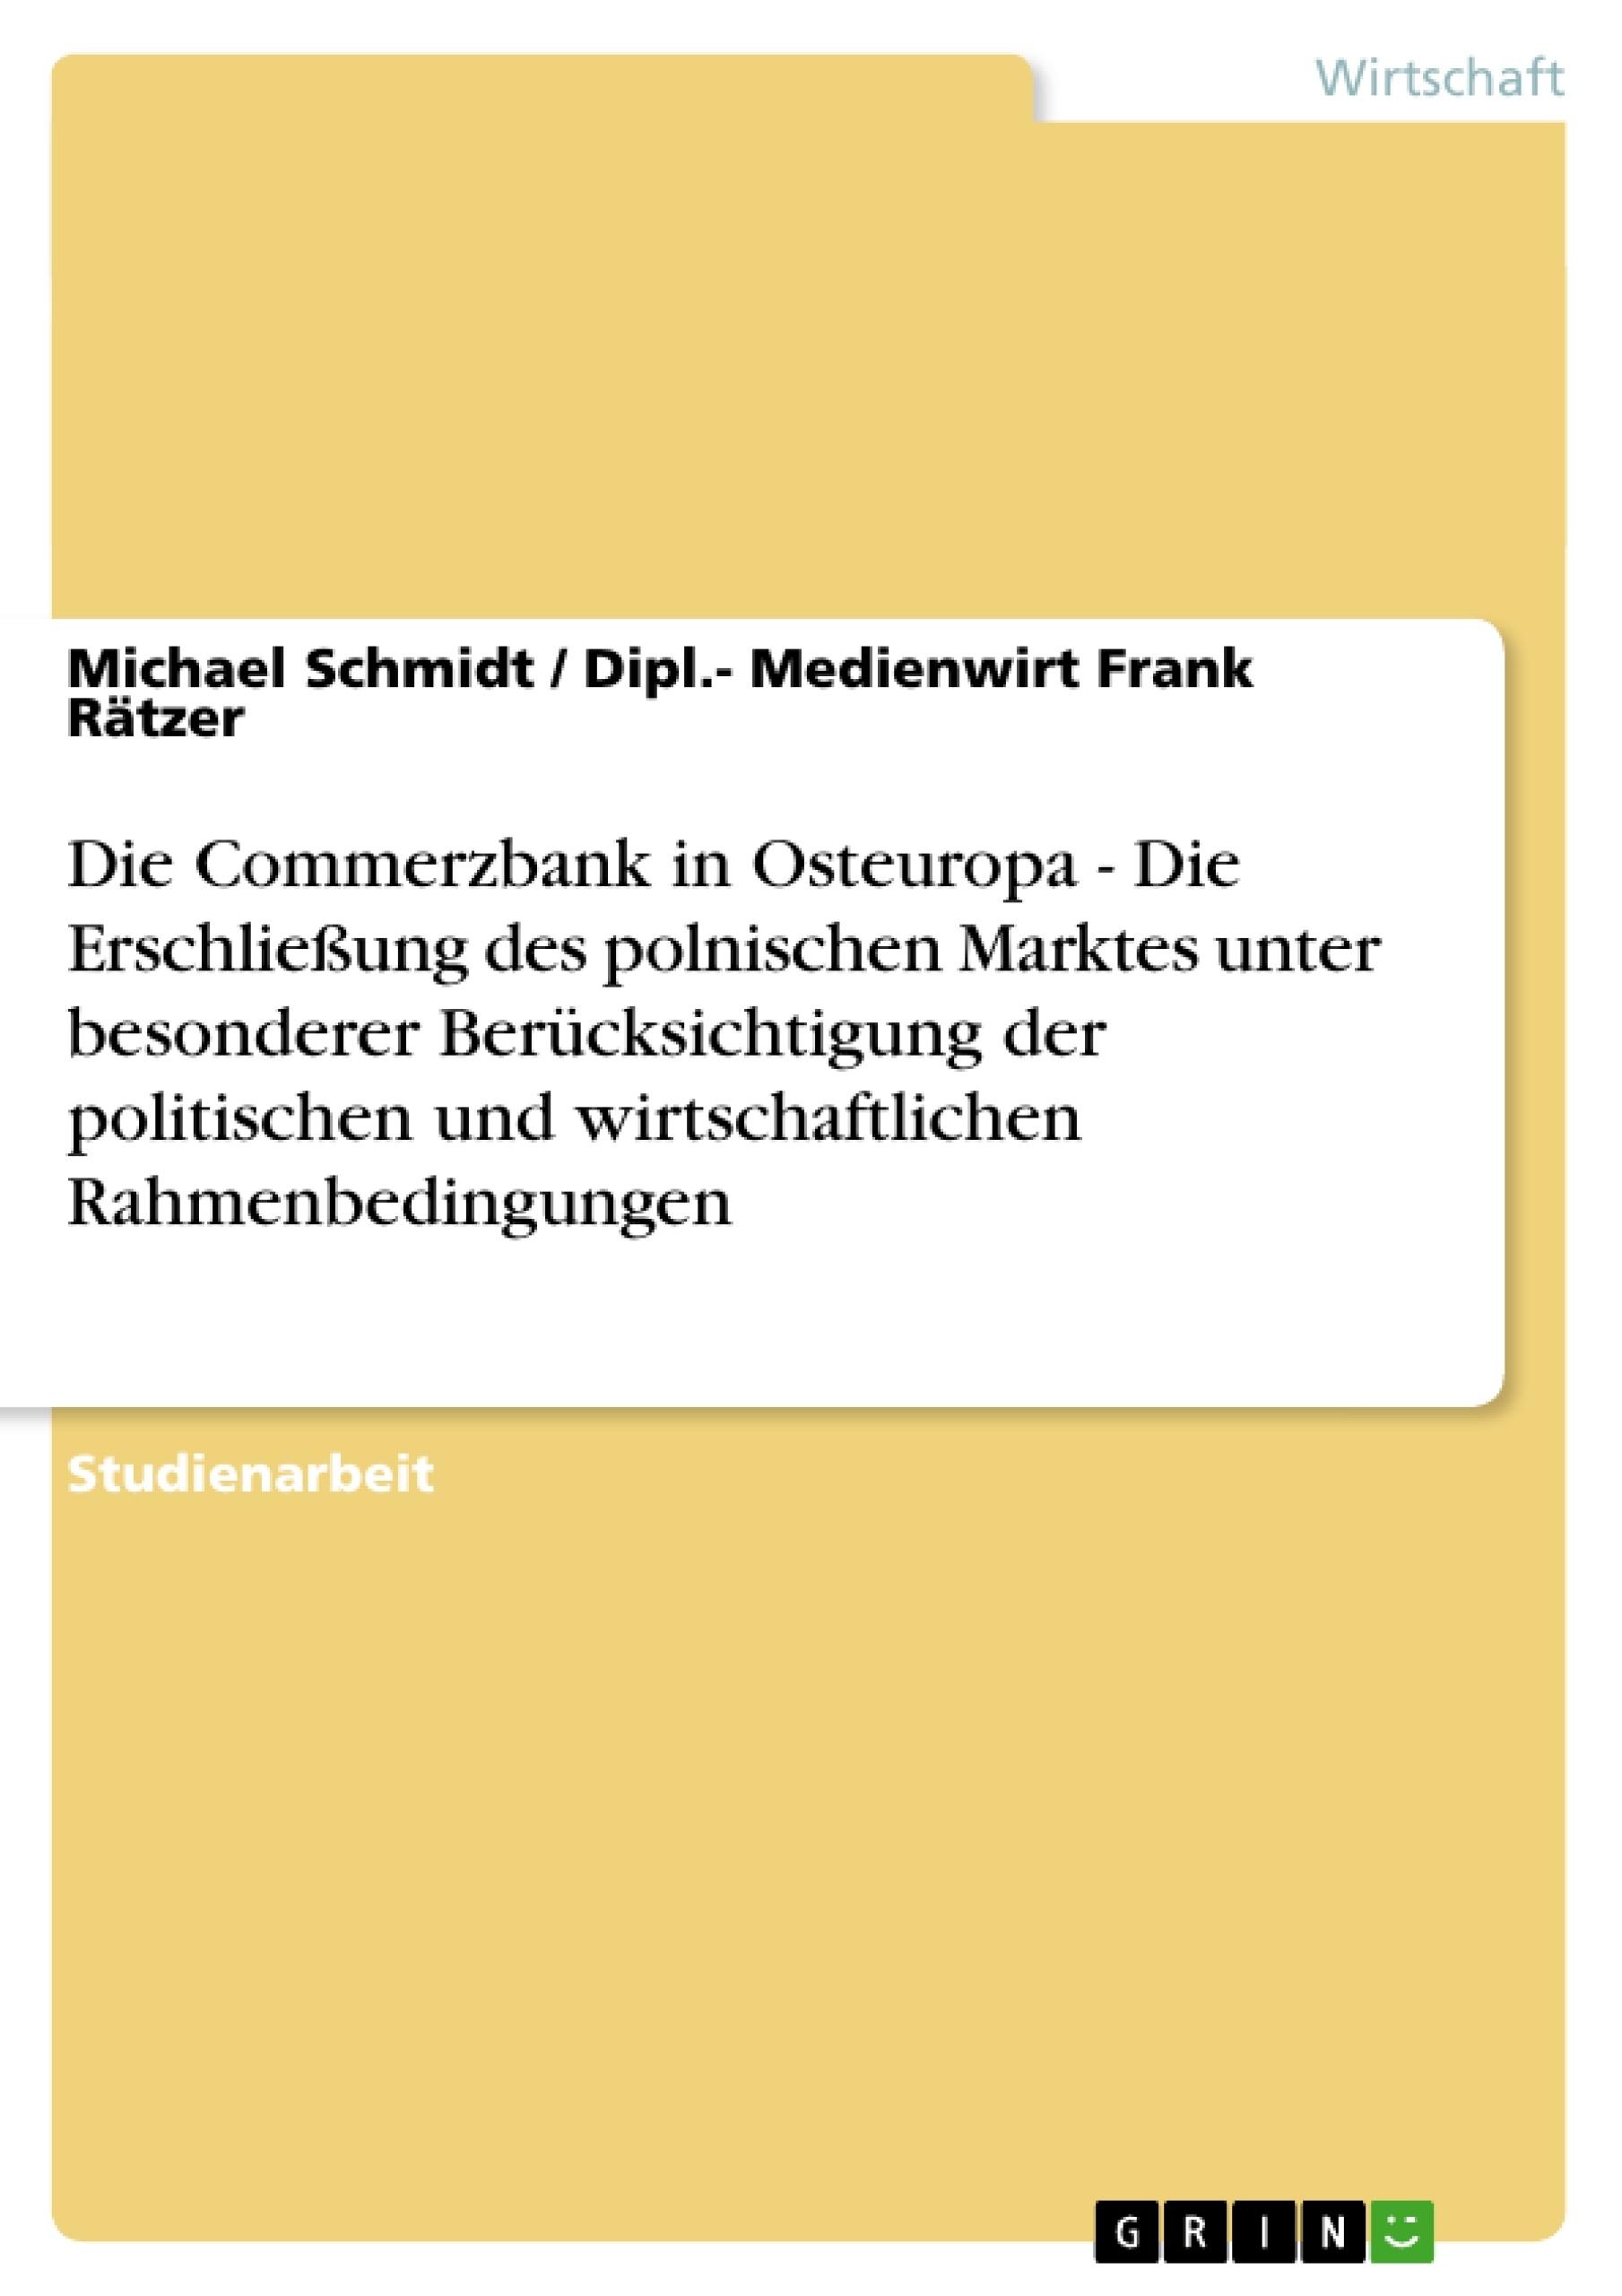 Titel: Die Commerzbank in Osteuropa - Die Erschließung des polnischen Marktes unter besonderer Berücksichtigung der politischen und wirtschaftlichen Rahmenbedingungen